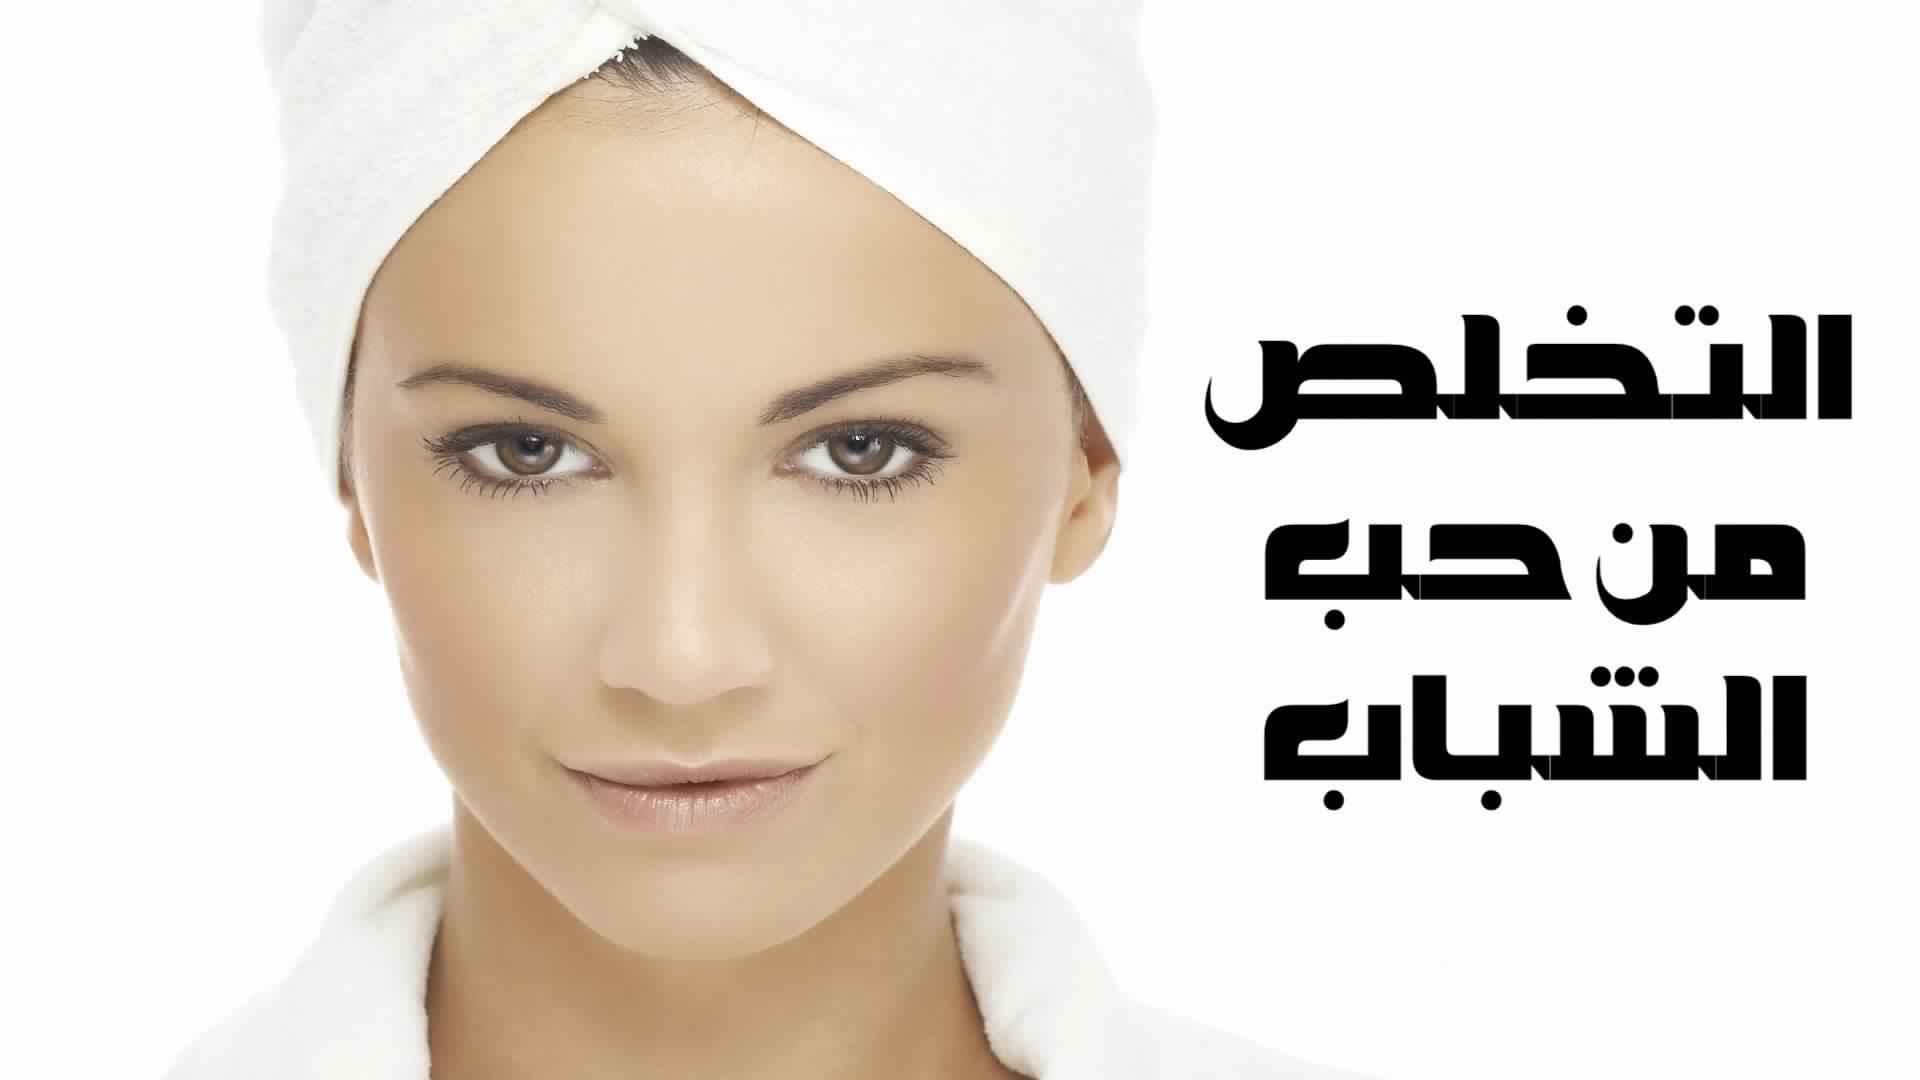 بالصور كيفية التخلص من حب الشباب , اسرع الطرق لازالة حب الشباب 6134 1